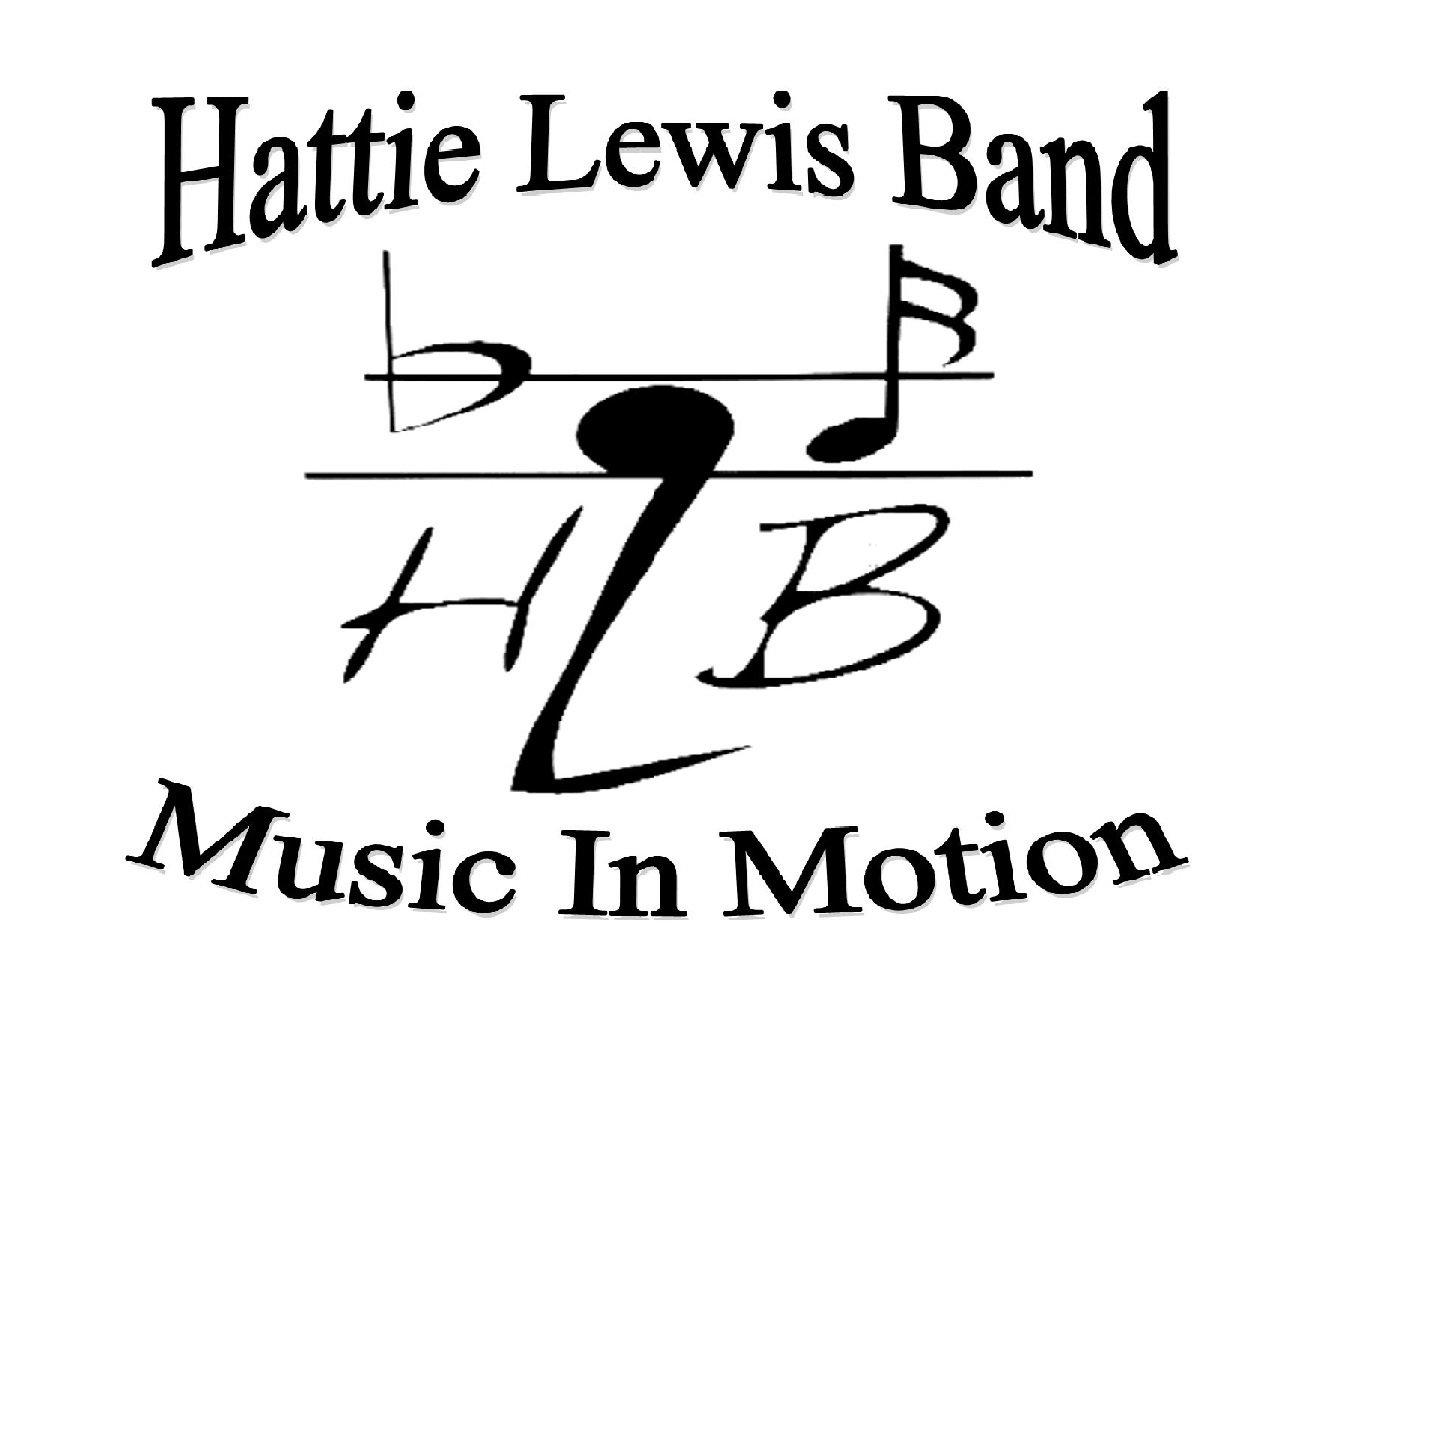 hattie lewis band playlist